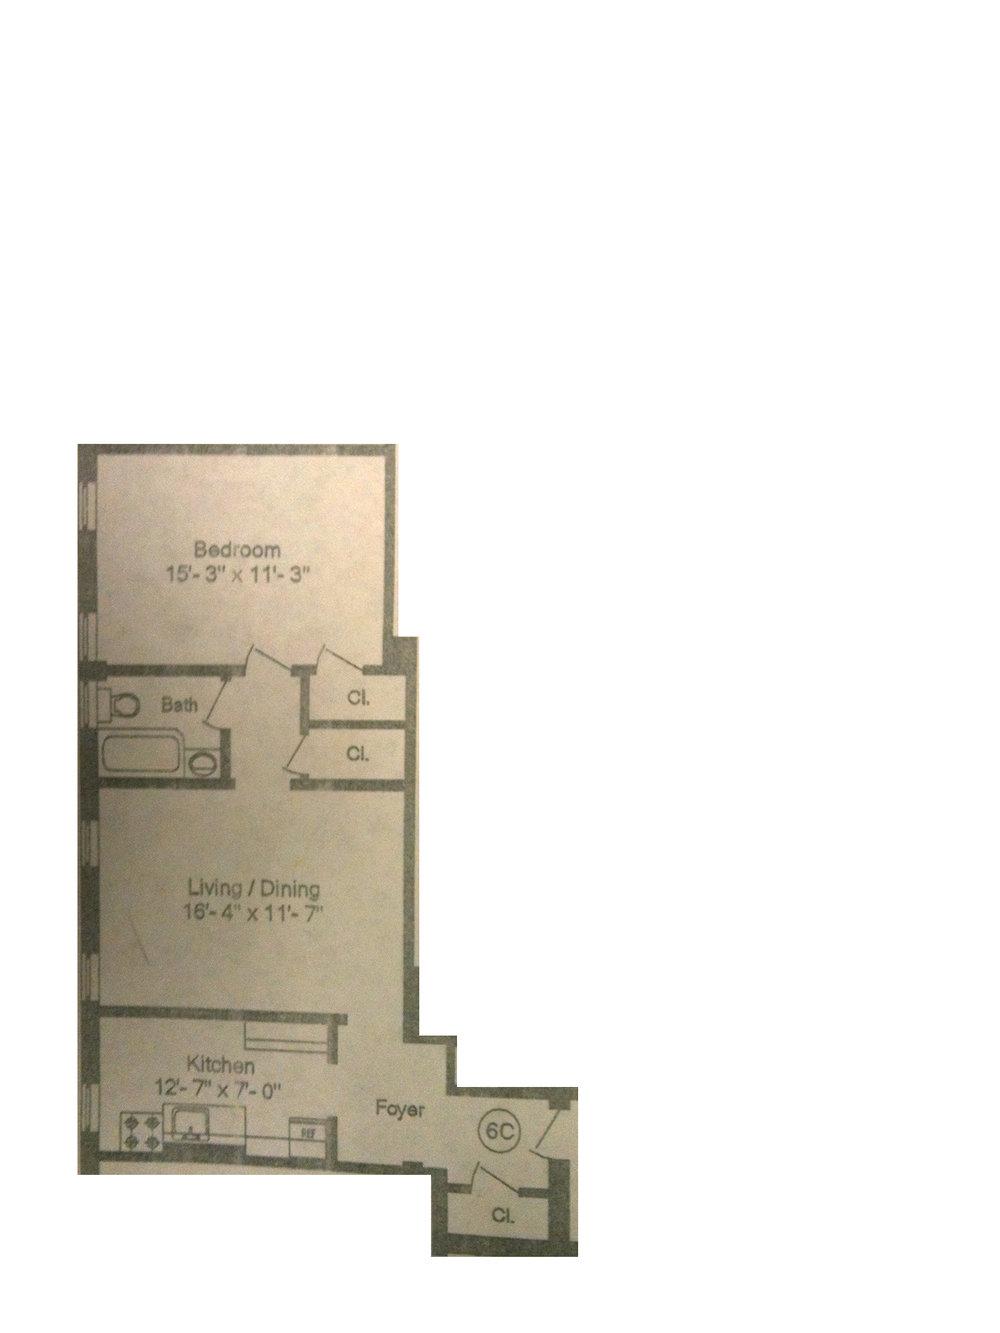 c line floorplan.jpg